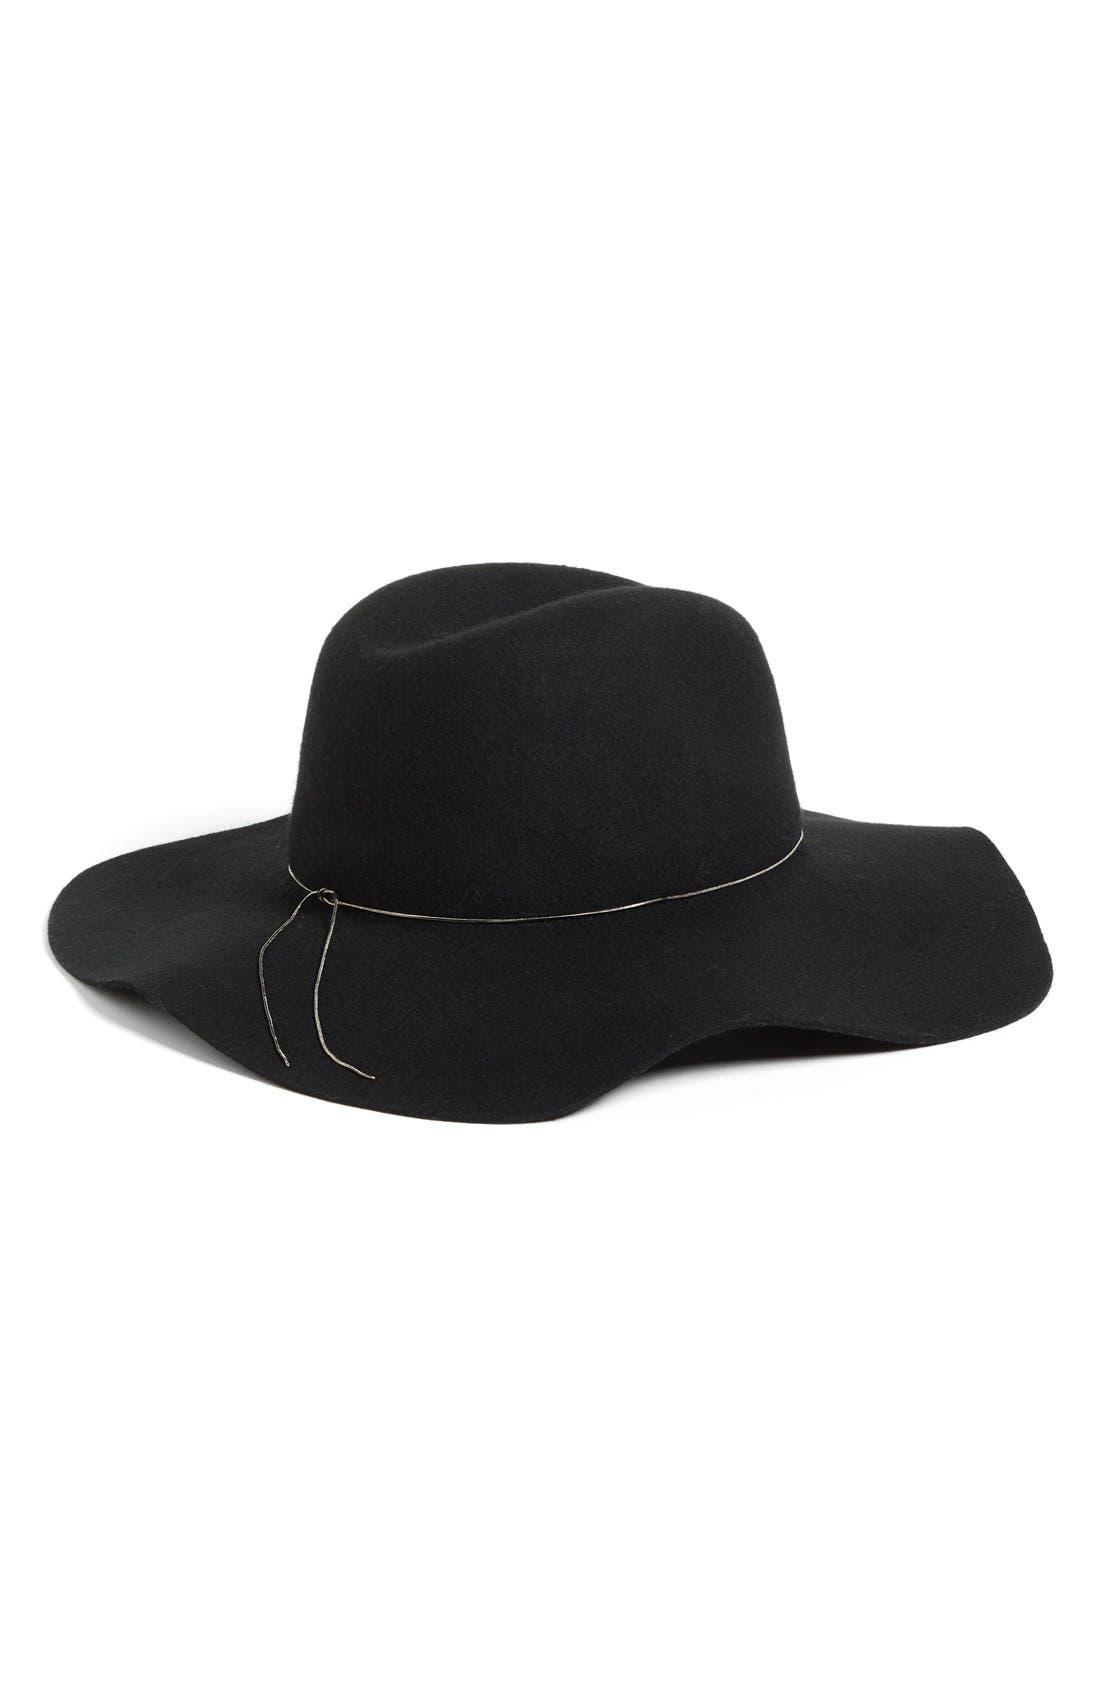 HINGE, Floppy Wool Felt Hat, Alternate thumbnail 3, color, 001